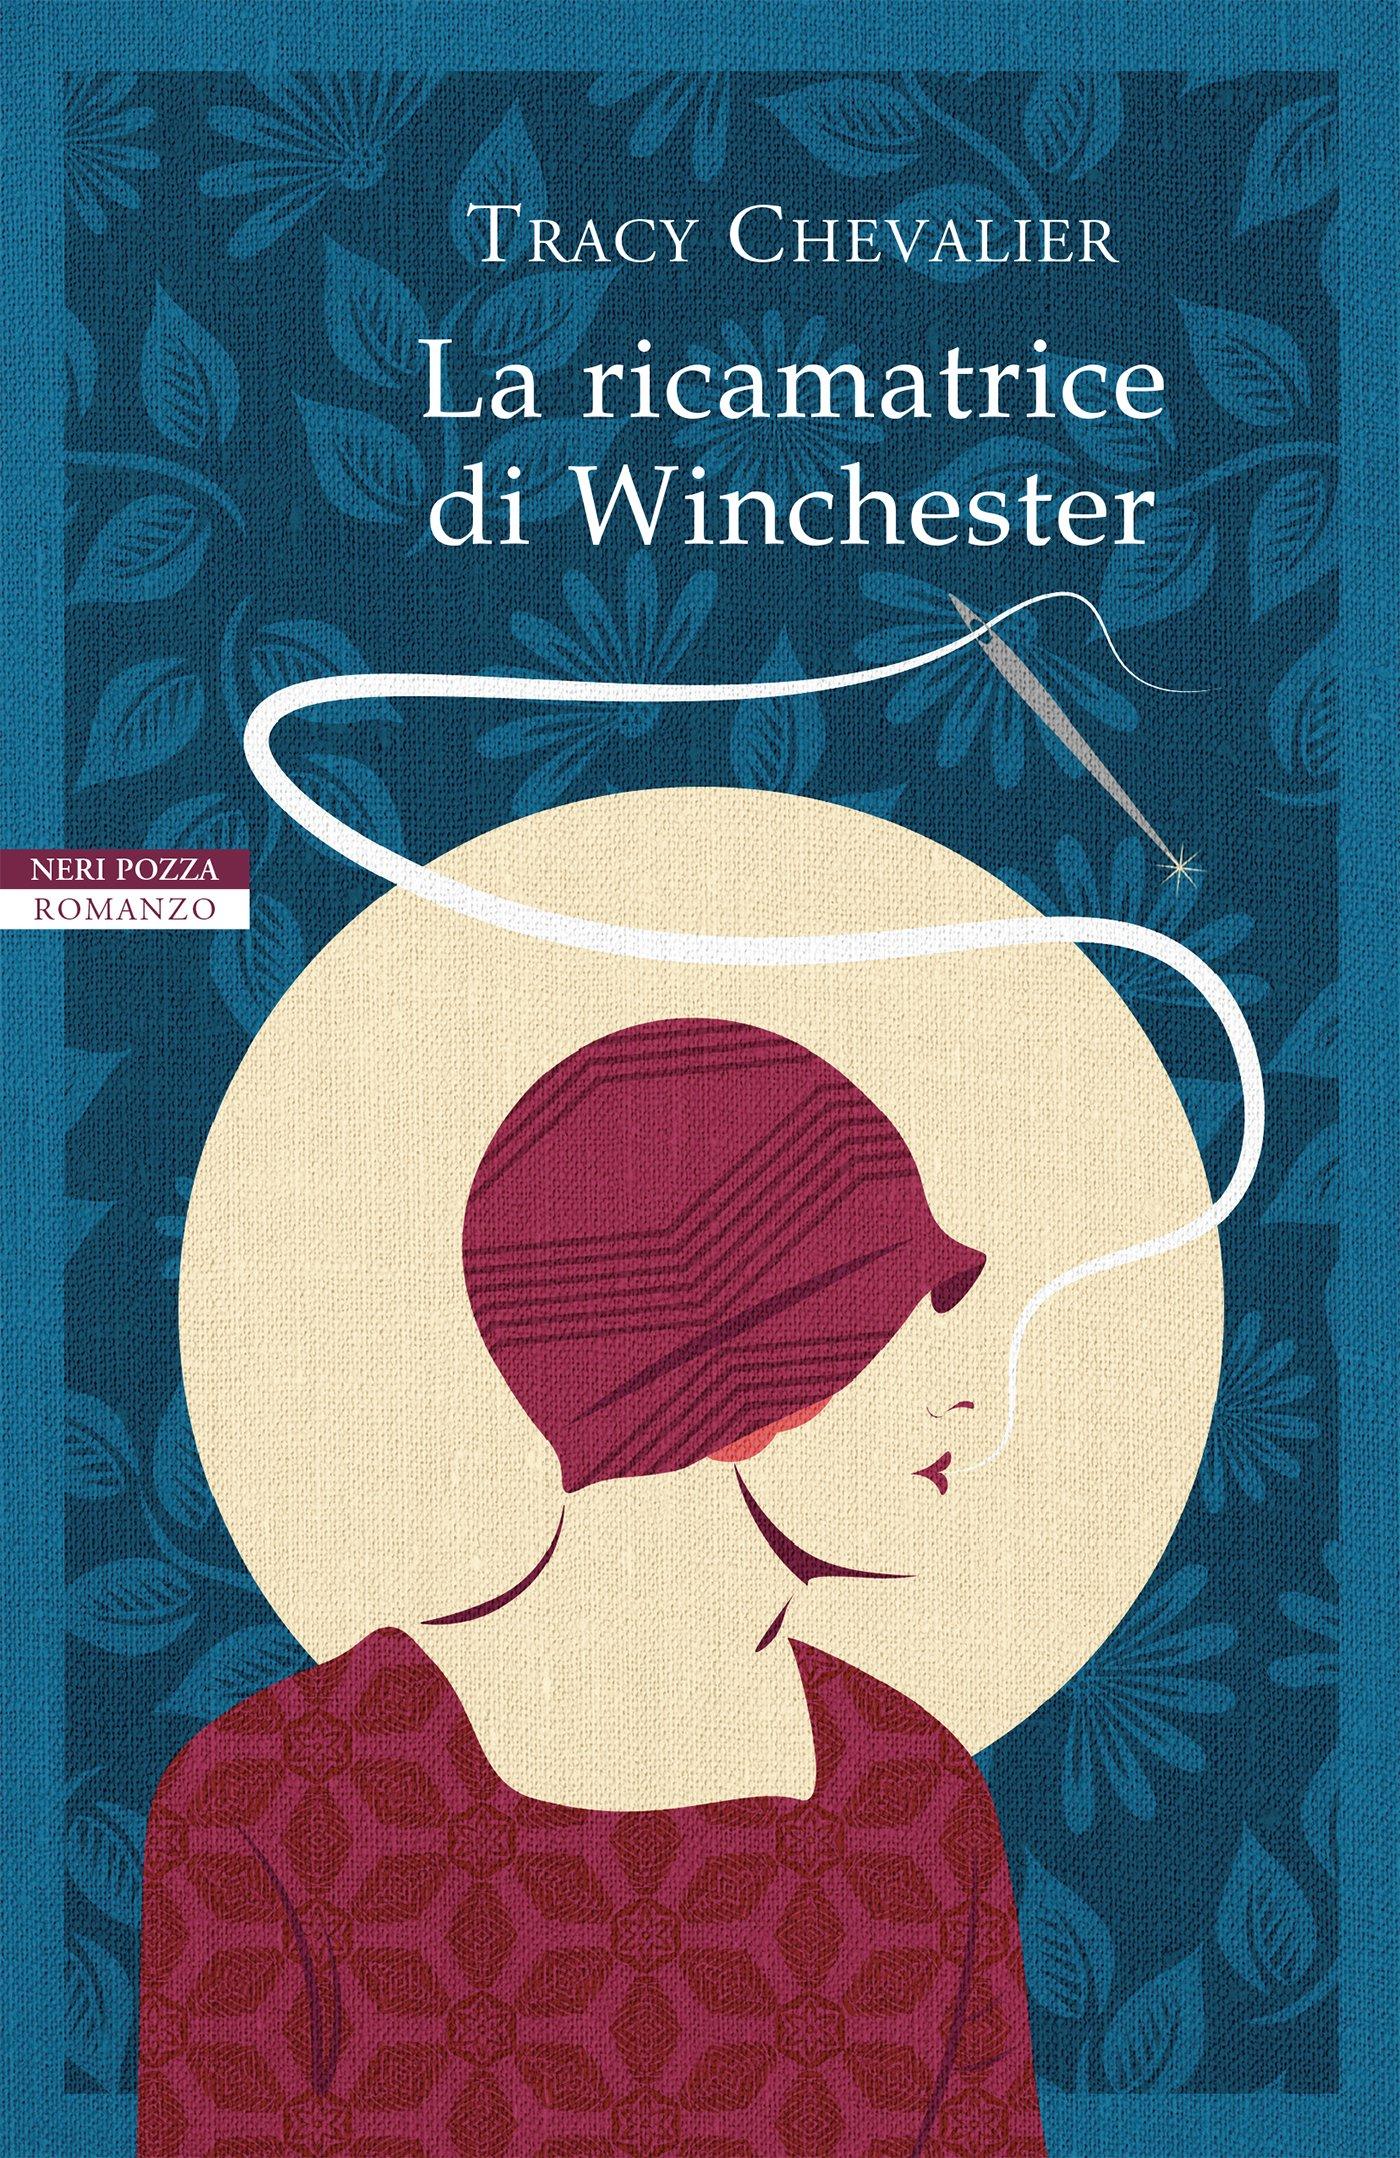 tracy-chevalier-la-ricamatrice-di-winchester